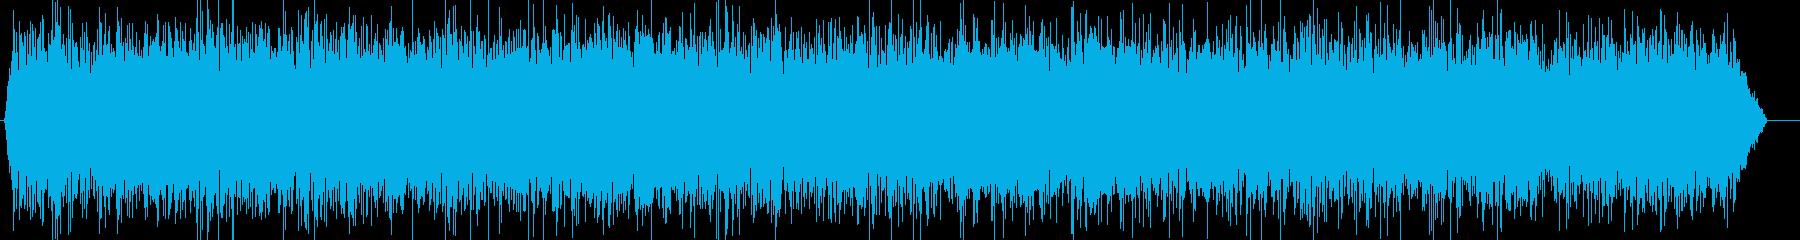 換気扇(大型)の再生済みの波形